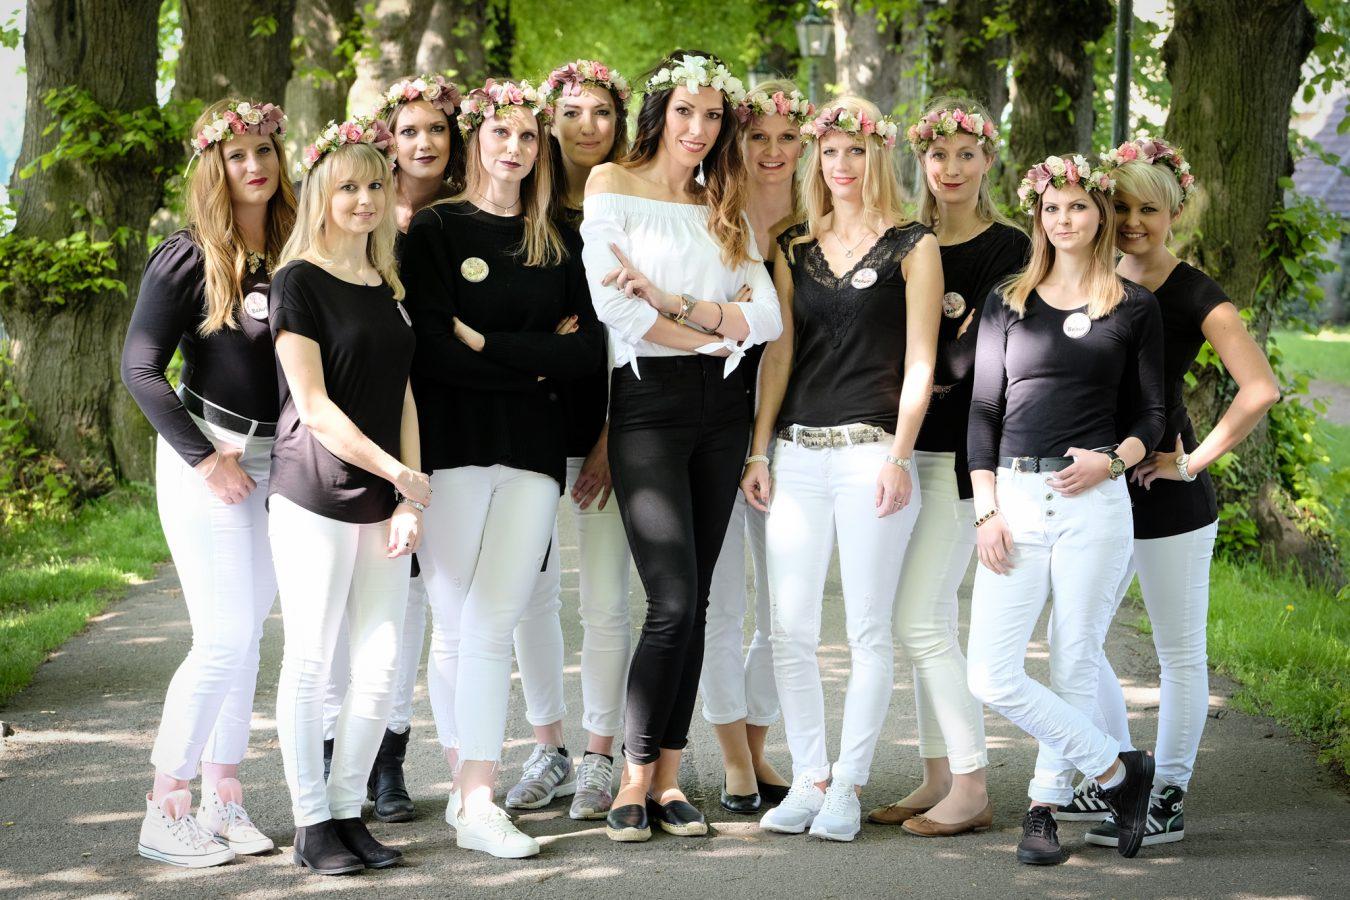 Junggesellinabschied Makeup Fotoshooting Dsseldorf JGA